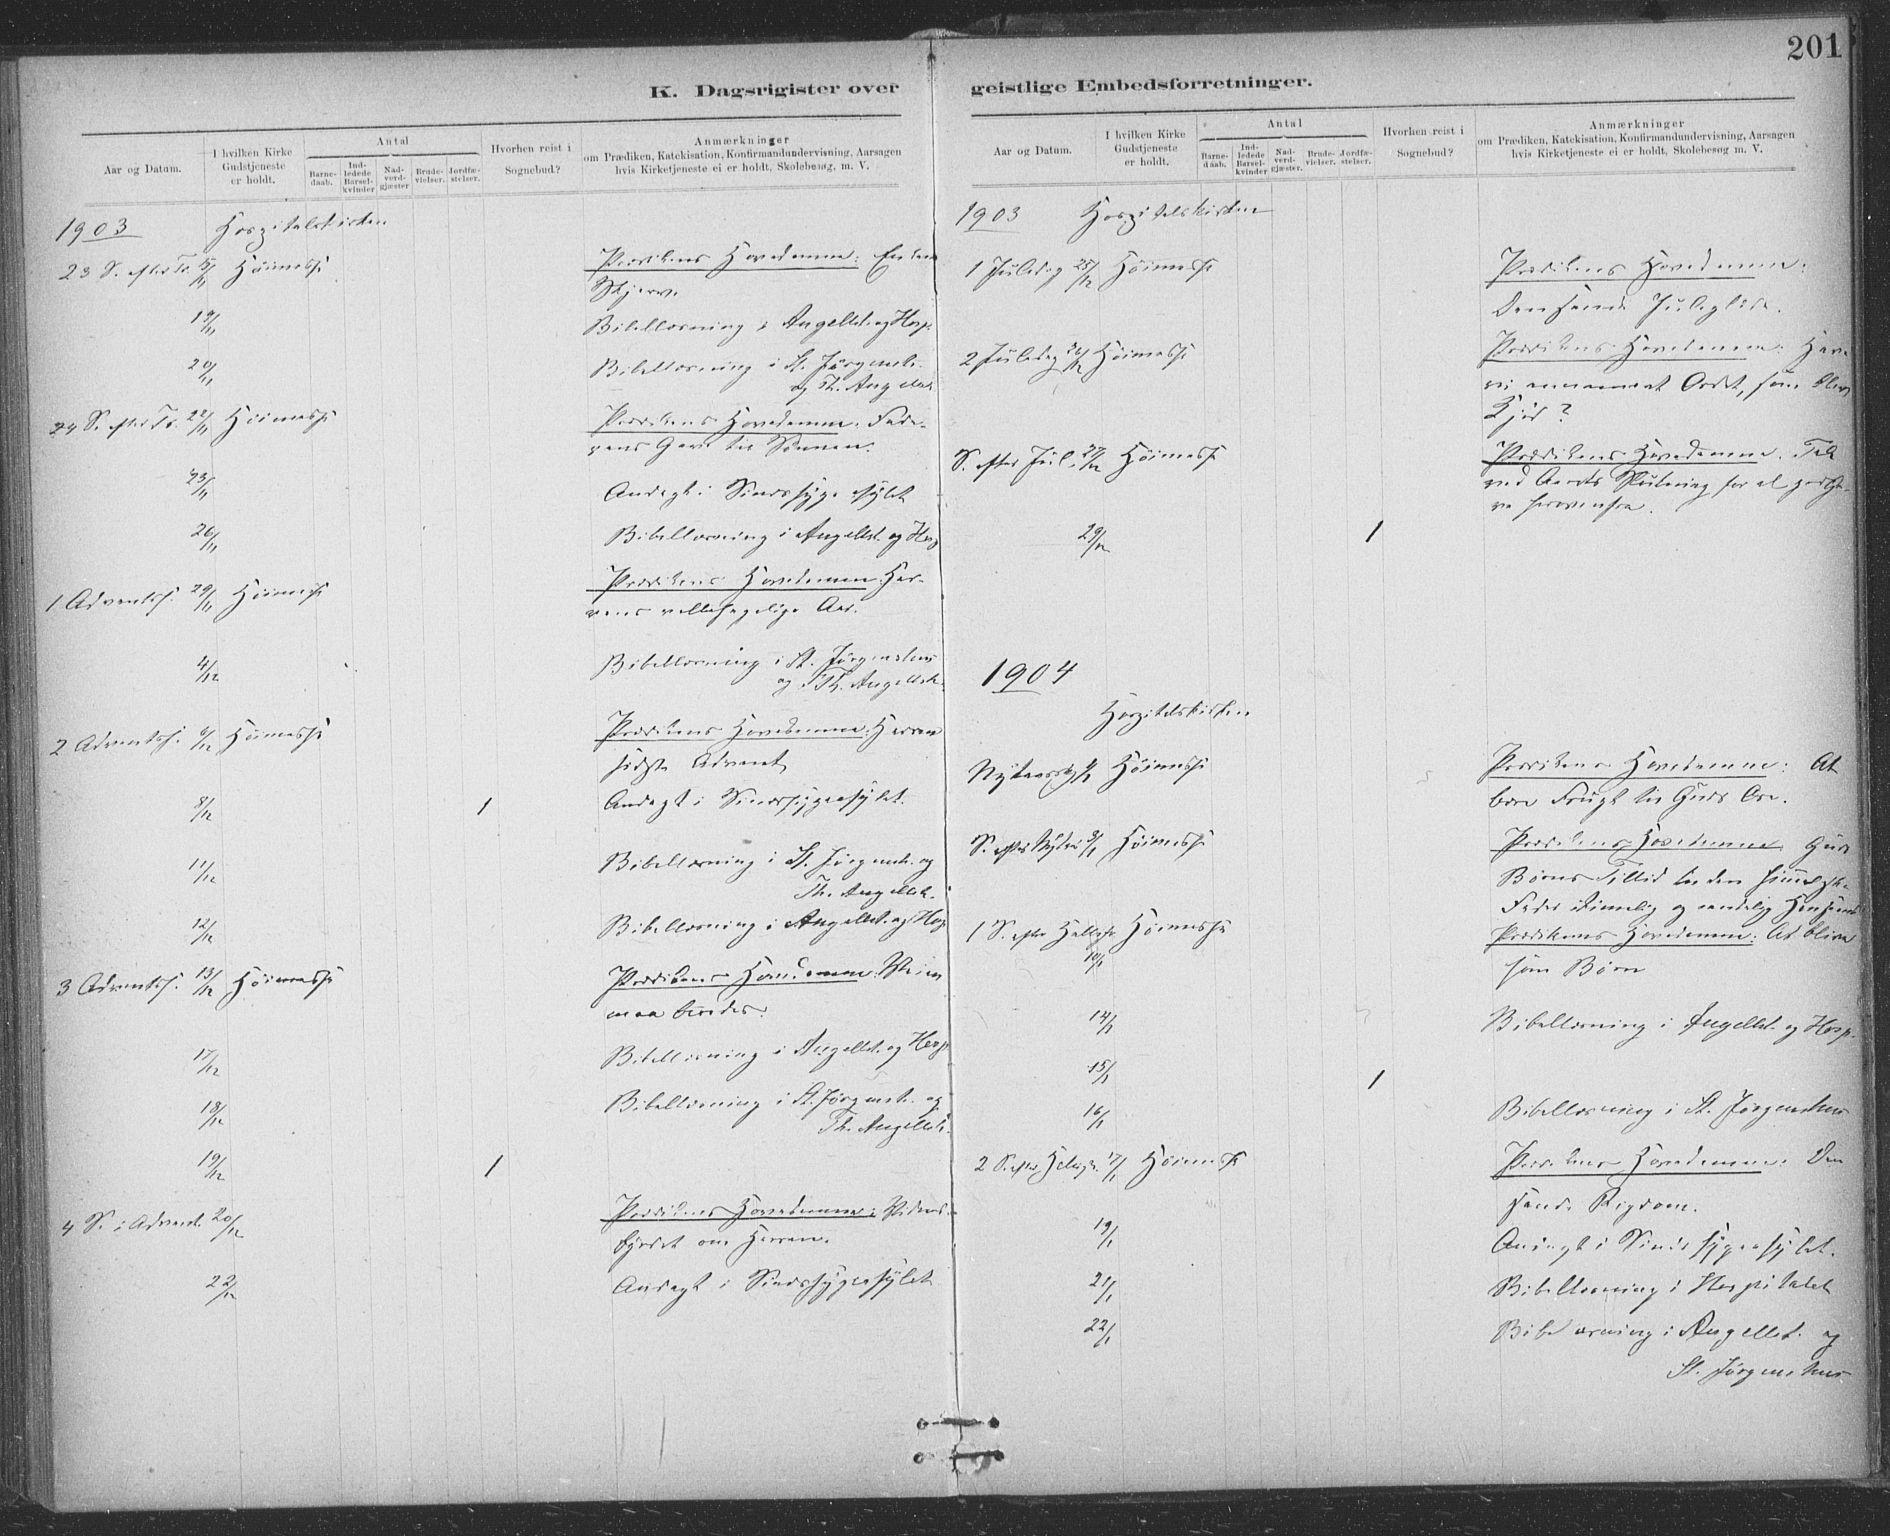 SAT, Ministerialprotokoller, klokkerbøker og fødselsregistre - Sør-Trøndelag, 623/L0470: Ministerialbok nr. 623A04, 1884-1938, s. 201